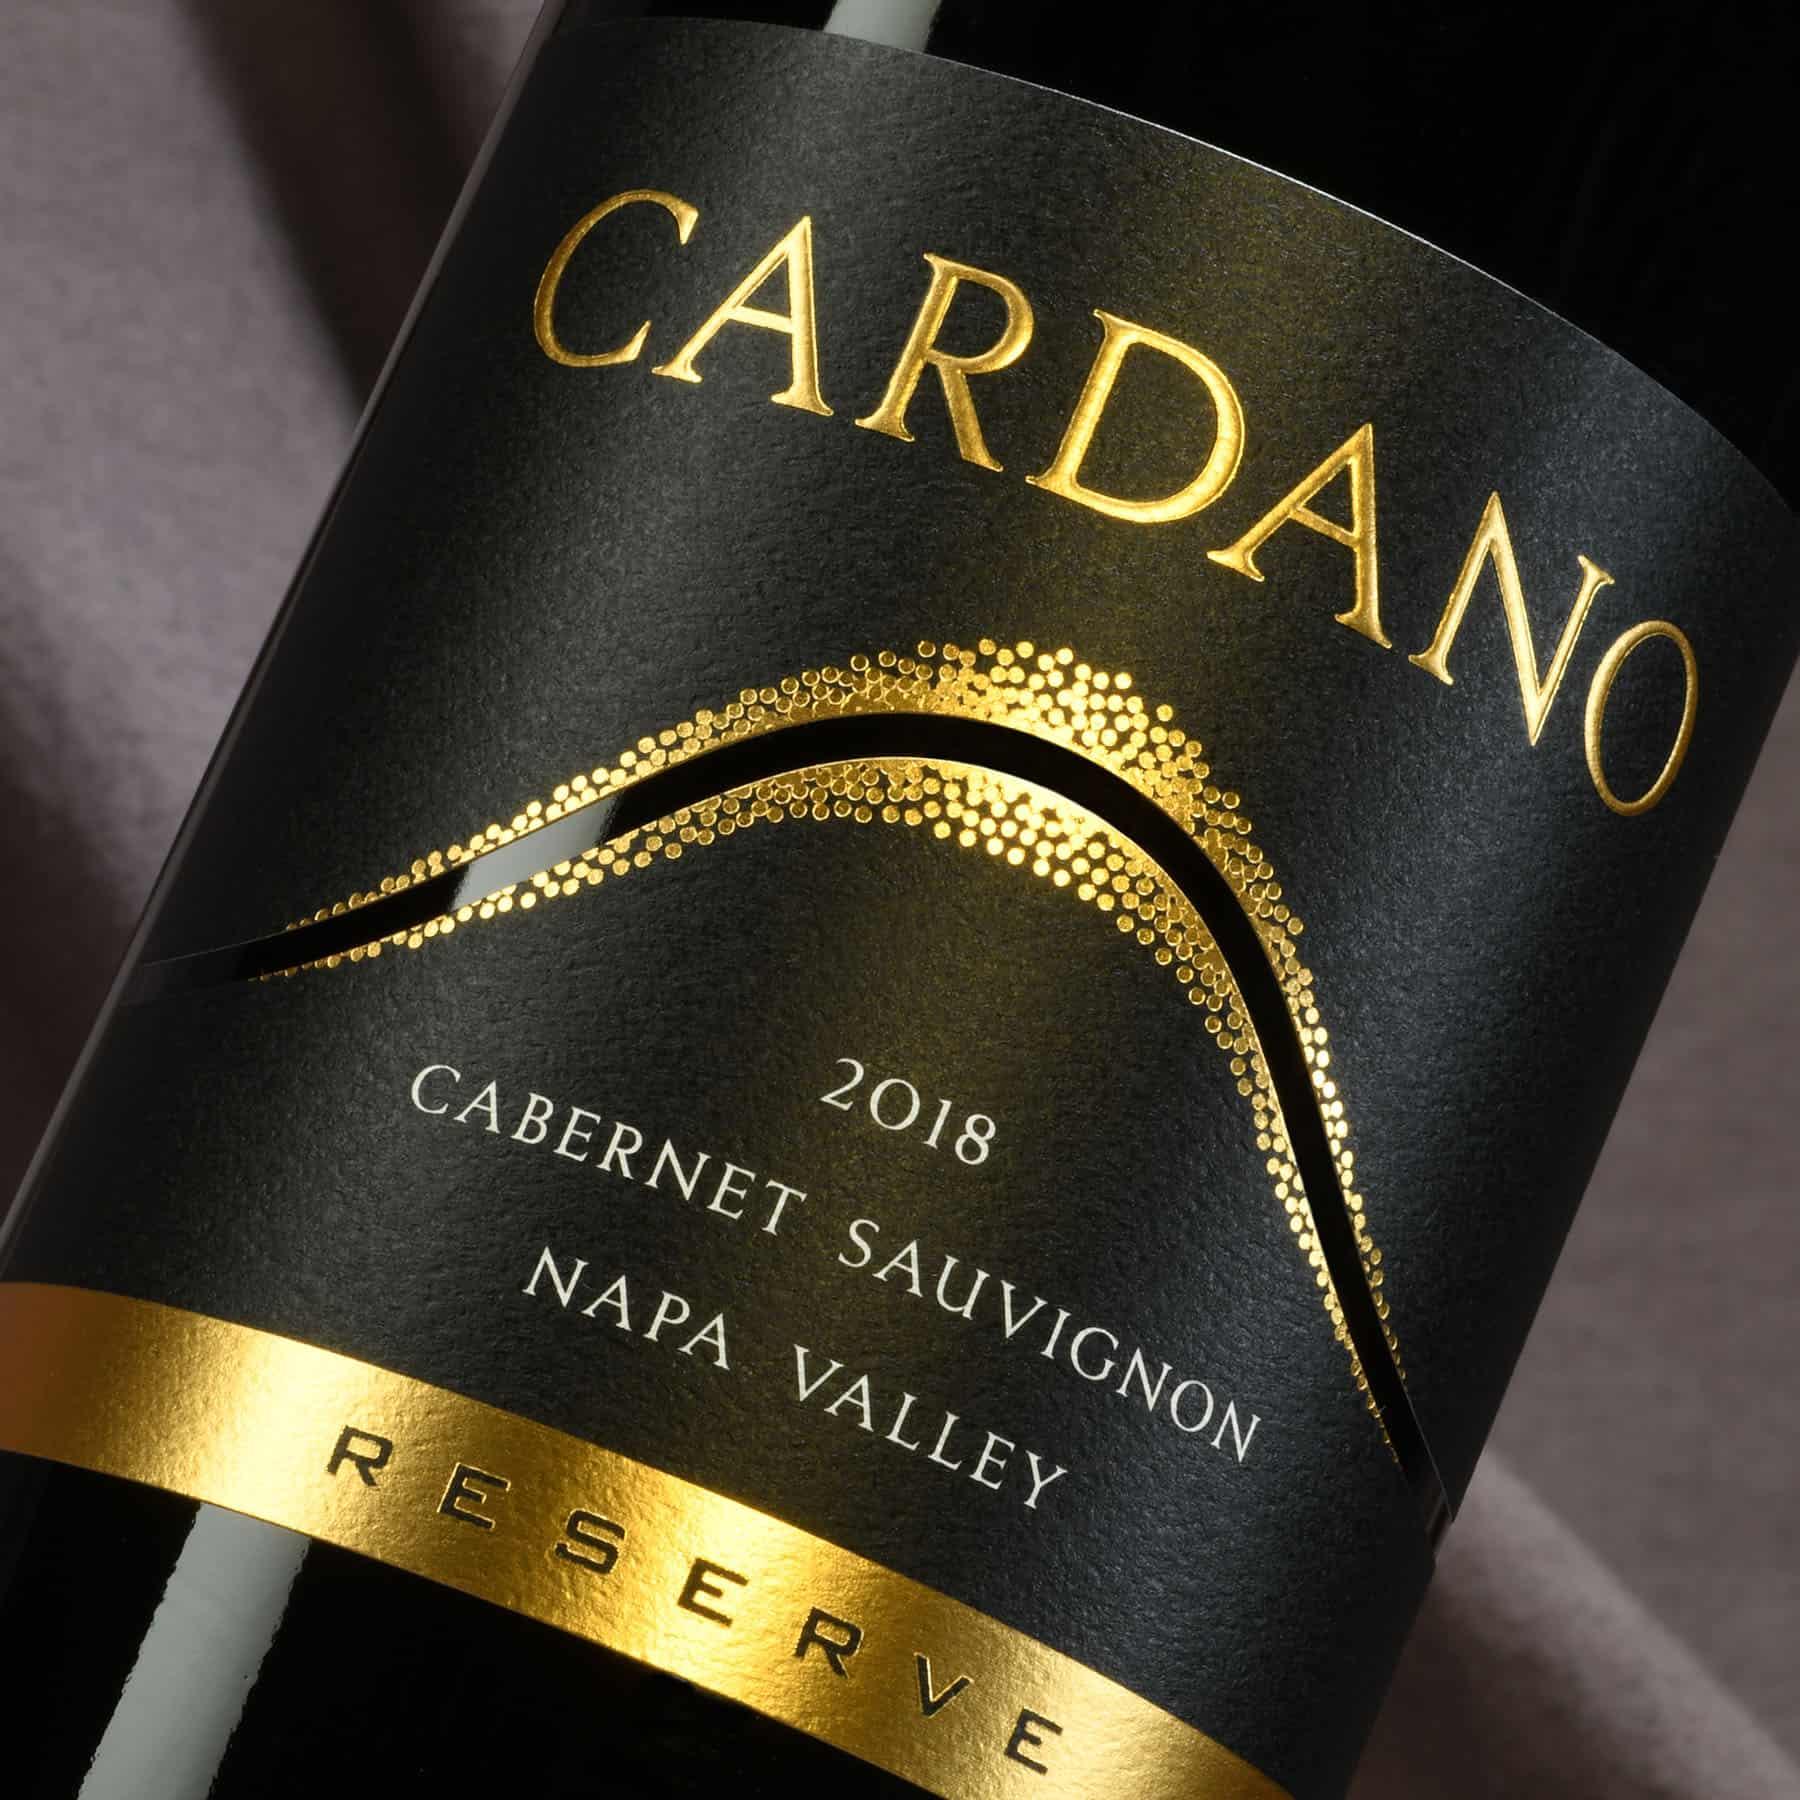 Cardano Cabernet Sauvignon Reserve wine label